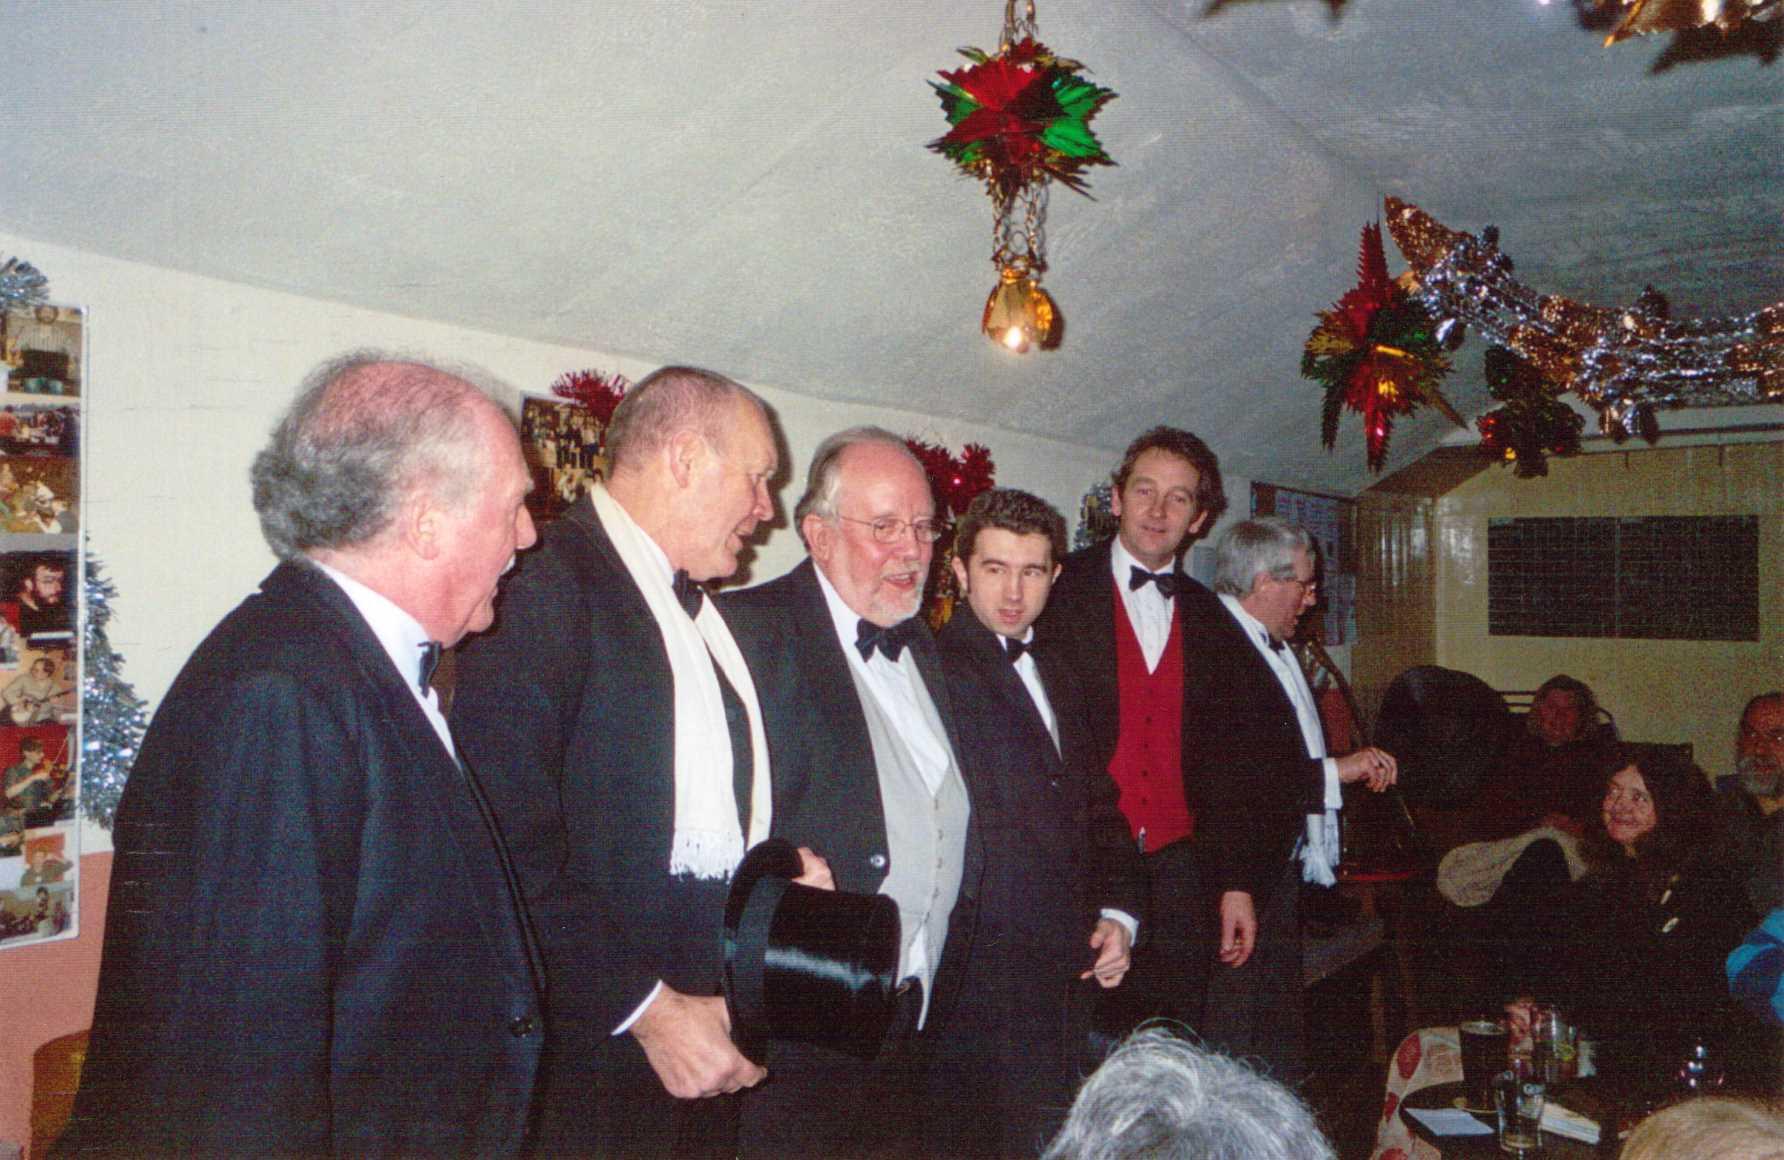 Bodmin Folk Club, 2006